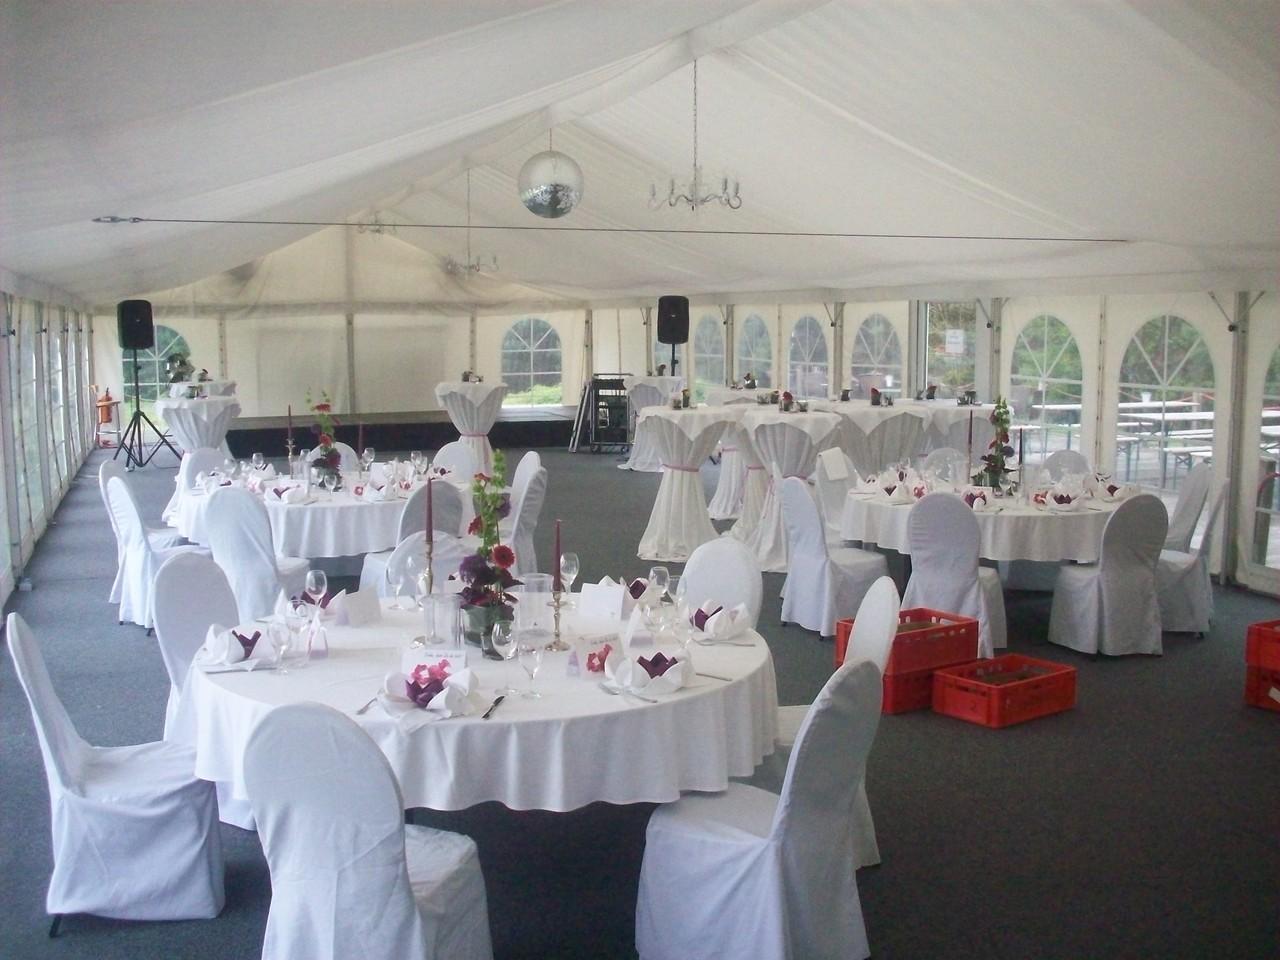 So fanden wir den Raum vor: Die Stoffdekoration und Tischdekoration war - wie meist in Restaurants/Hotels - komplett.